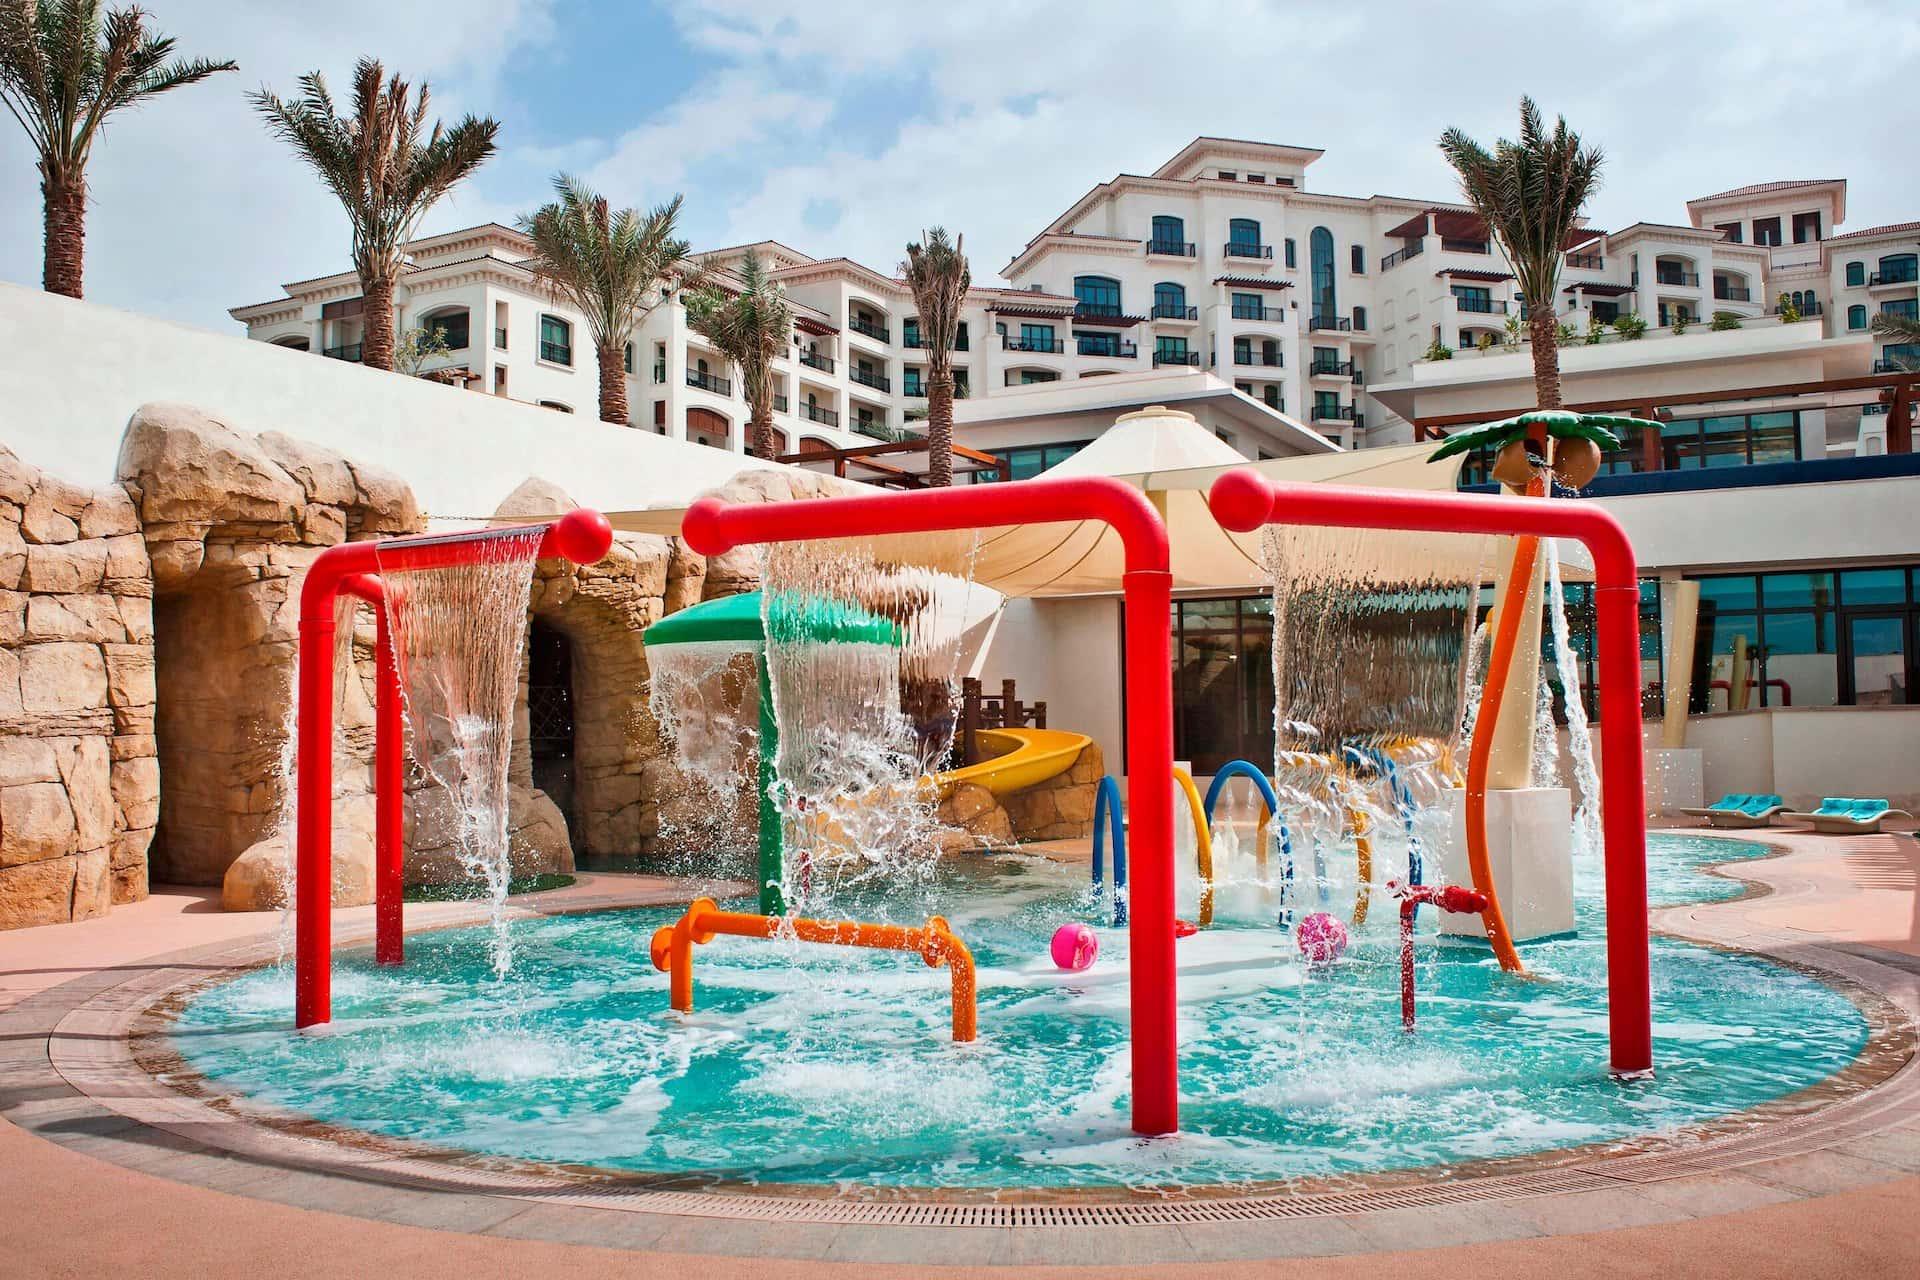 Sandcastle Kid's Club The St. Regis Saadiyat Island Resort Абу-Даби, фото